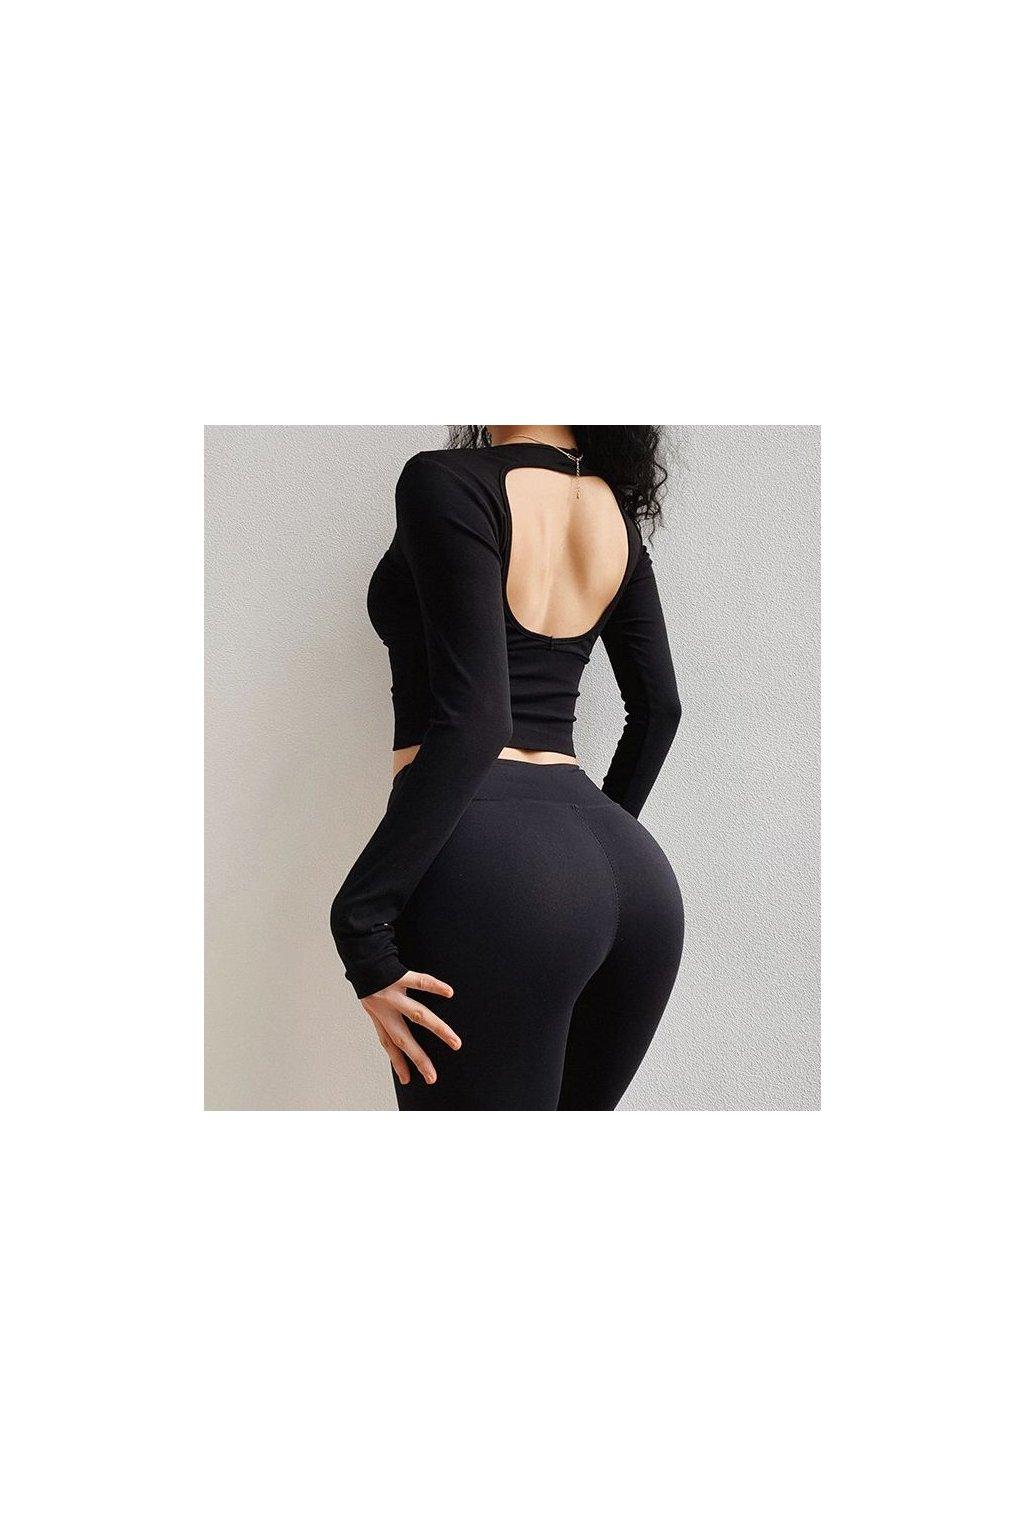 Dámský top Open Back Black